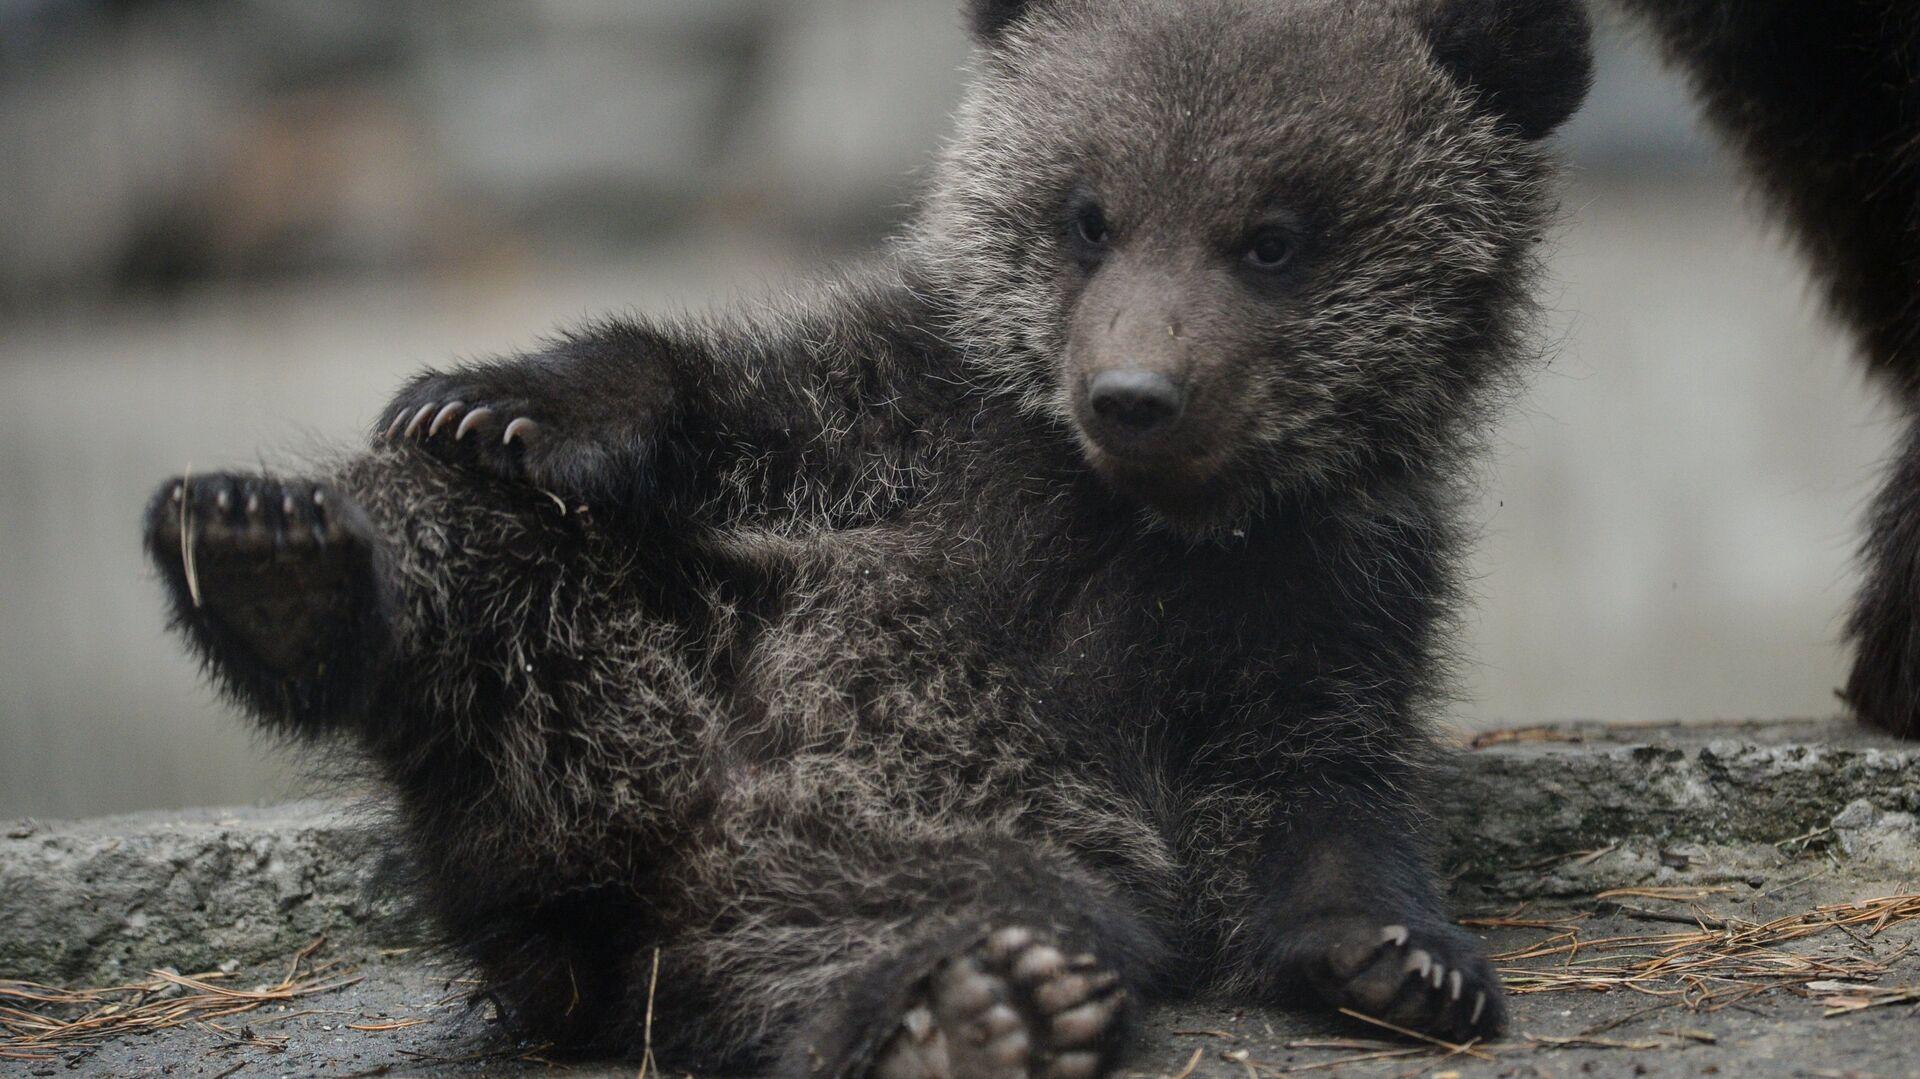 Бурый медвежонок, родившийся в январе у медведей Вали и Лехи, в вольере Новосибирского зоопарка - РИА Новости, 1920, 02.10.2020